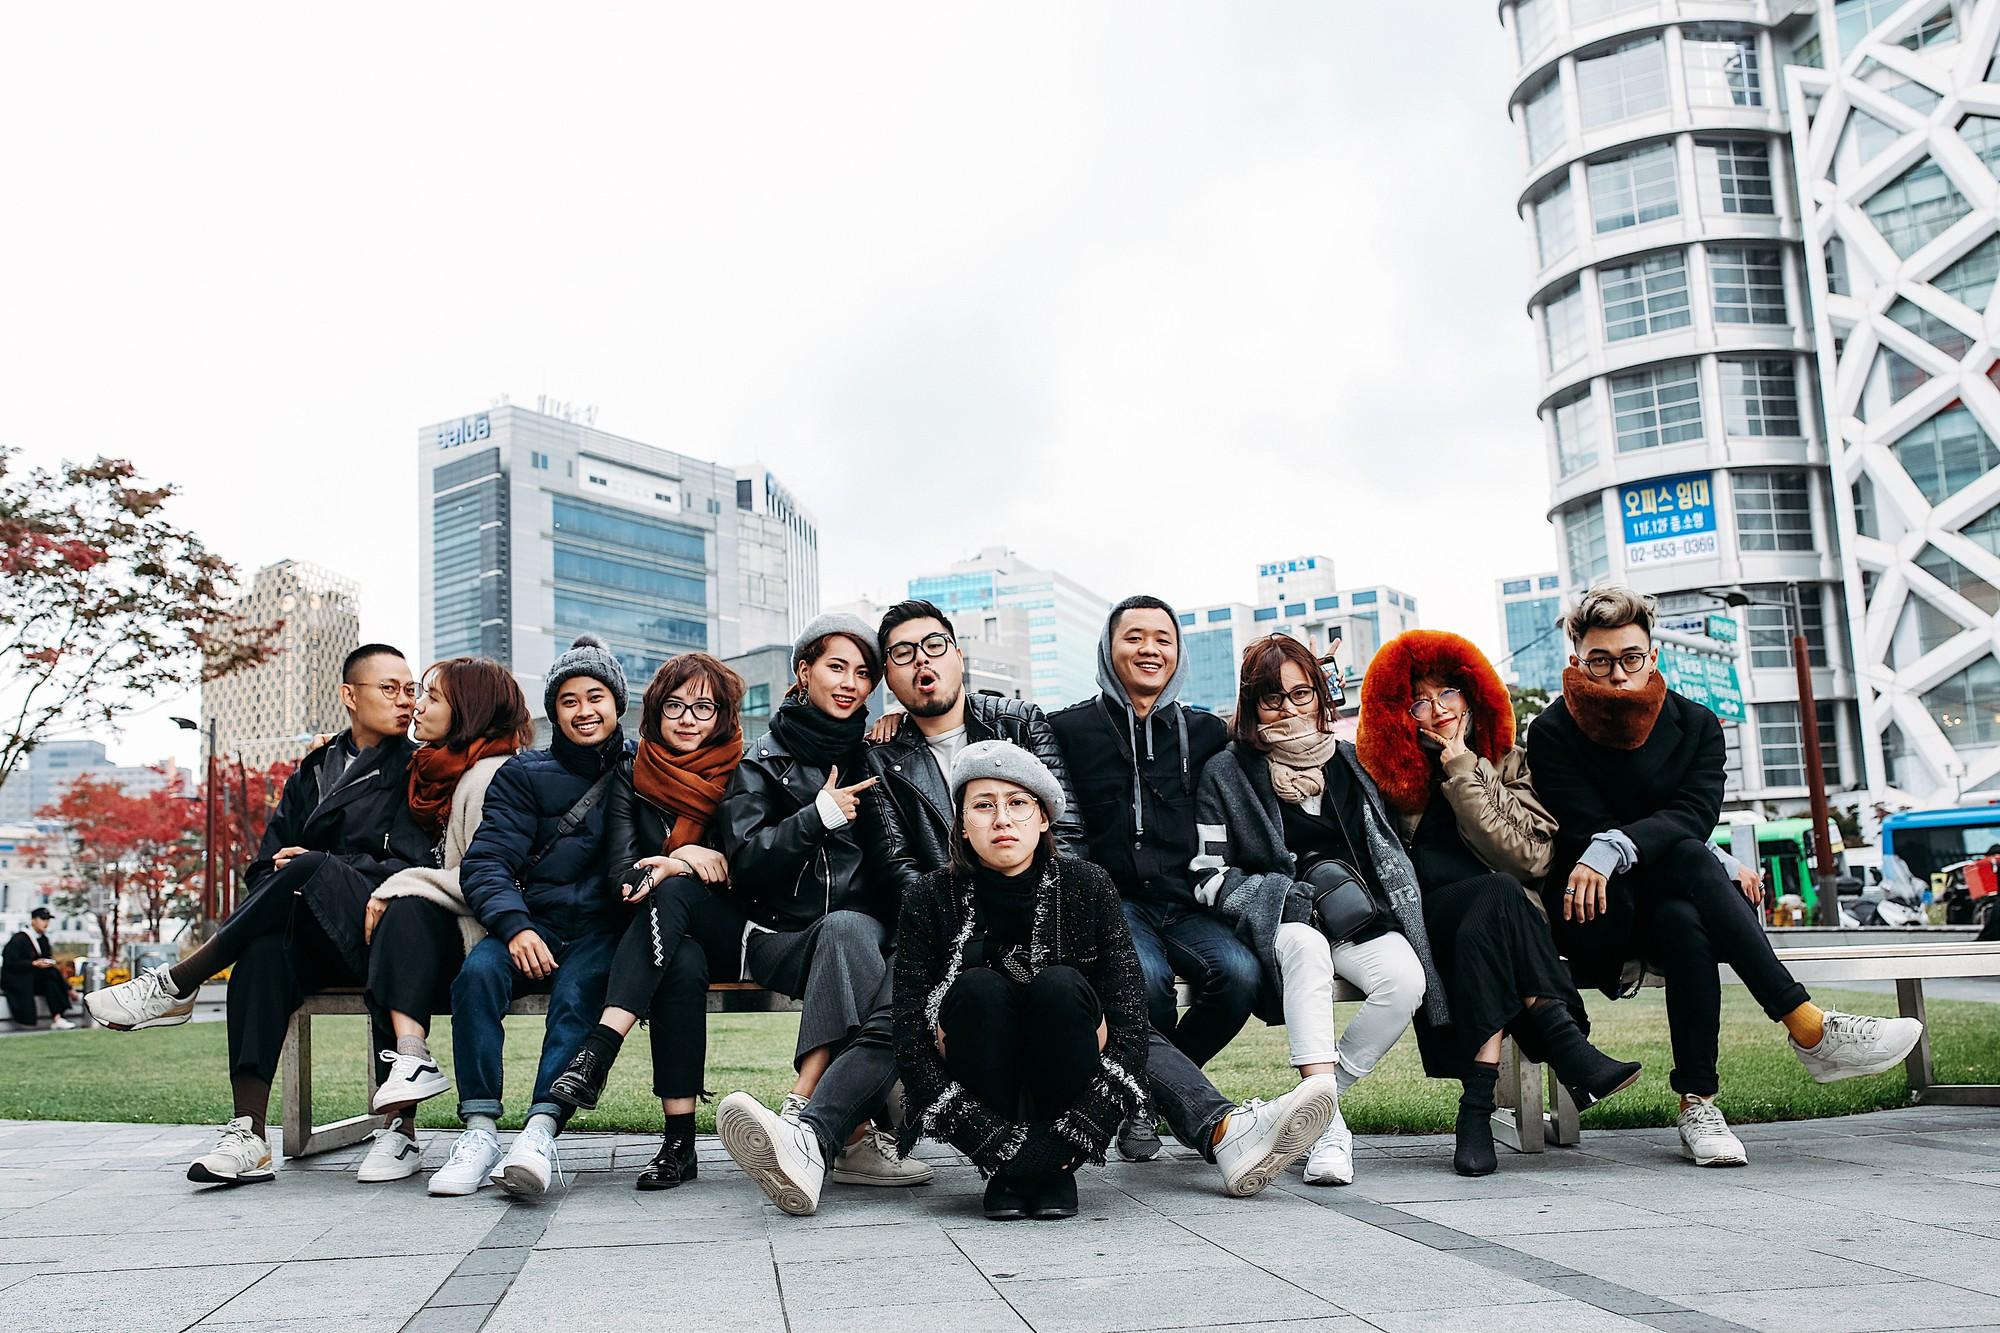 Du lịch: Nếu đang lên kế hoạch du lịch nhóm, nhất định phải tham khảo concept ăn mặc chất khỏi bàn của nhóm bạn trẻ này